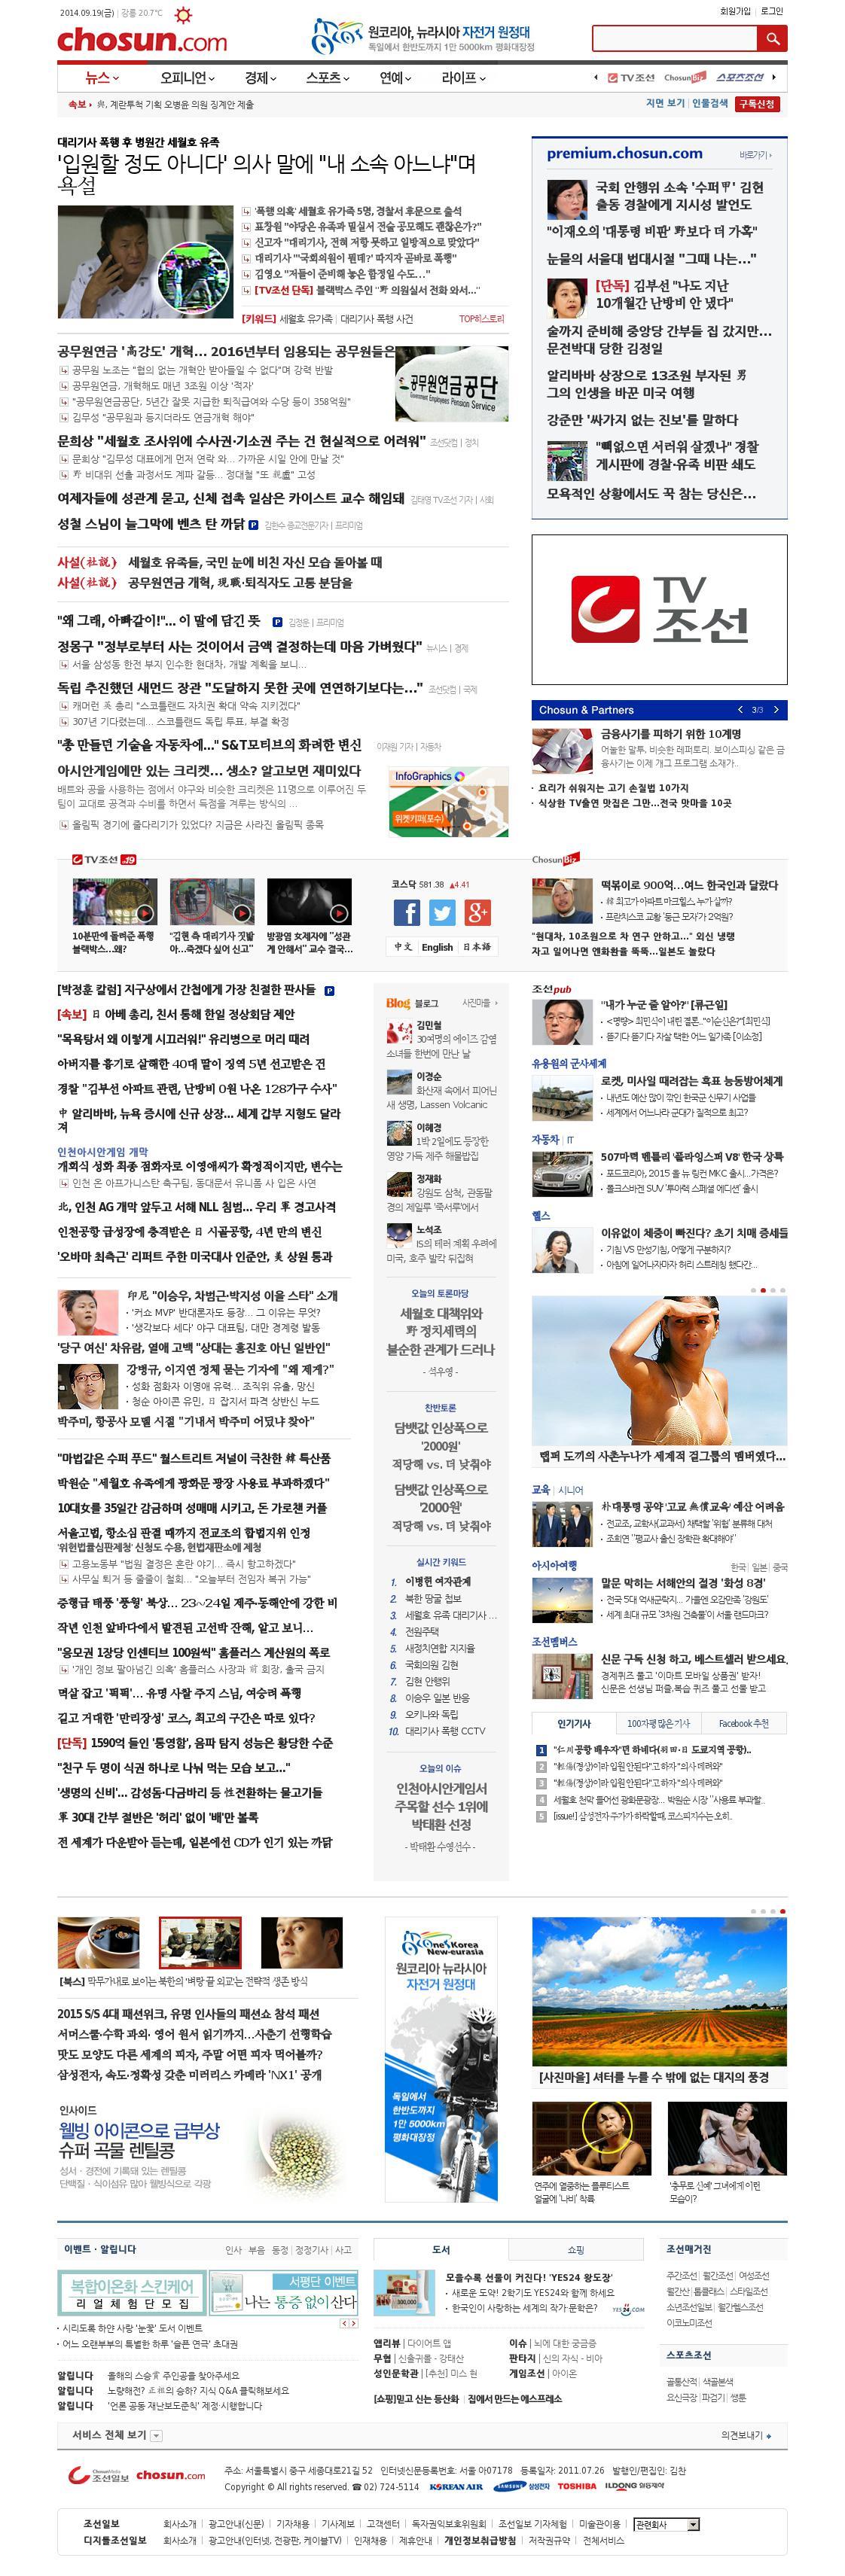 chosun.com at Friday Sept. 19, 2014, 11:02 a.m. UTC